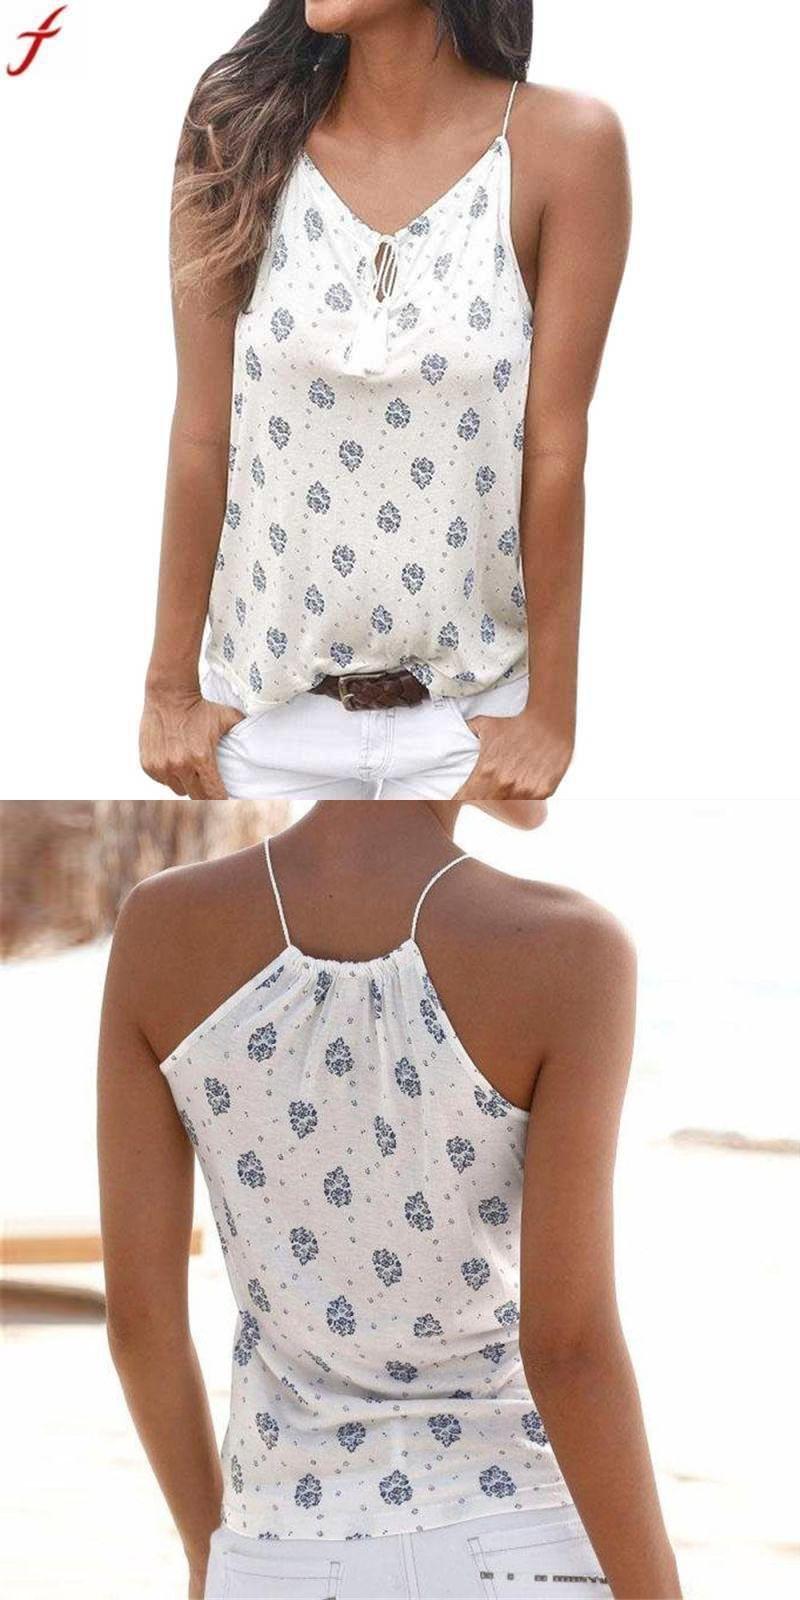 e3d4cdbd3e5cb Women tops summer 2018 women flower print sleeveless blusas sexy vest shirt  tank tops blouse t